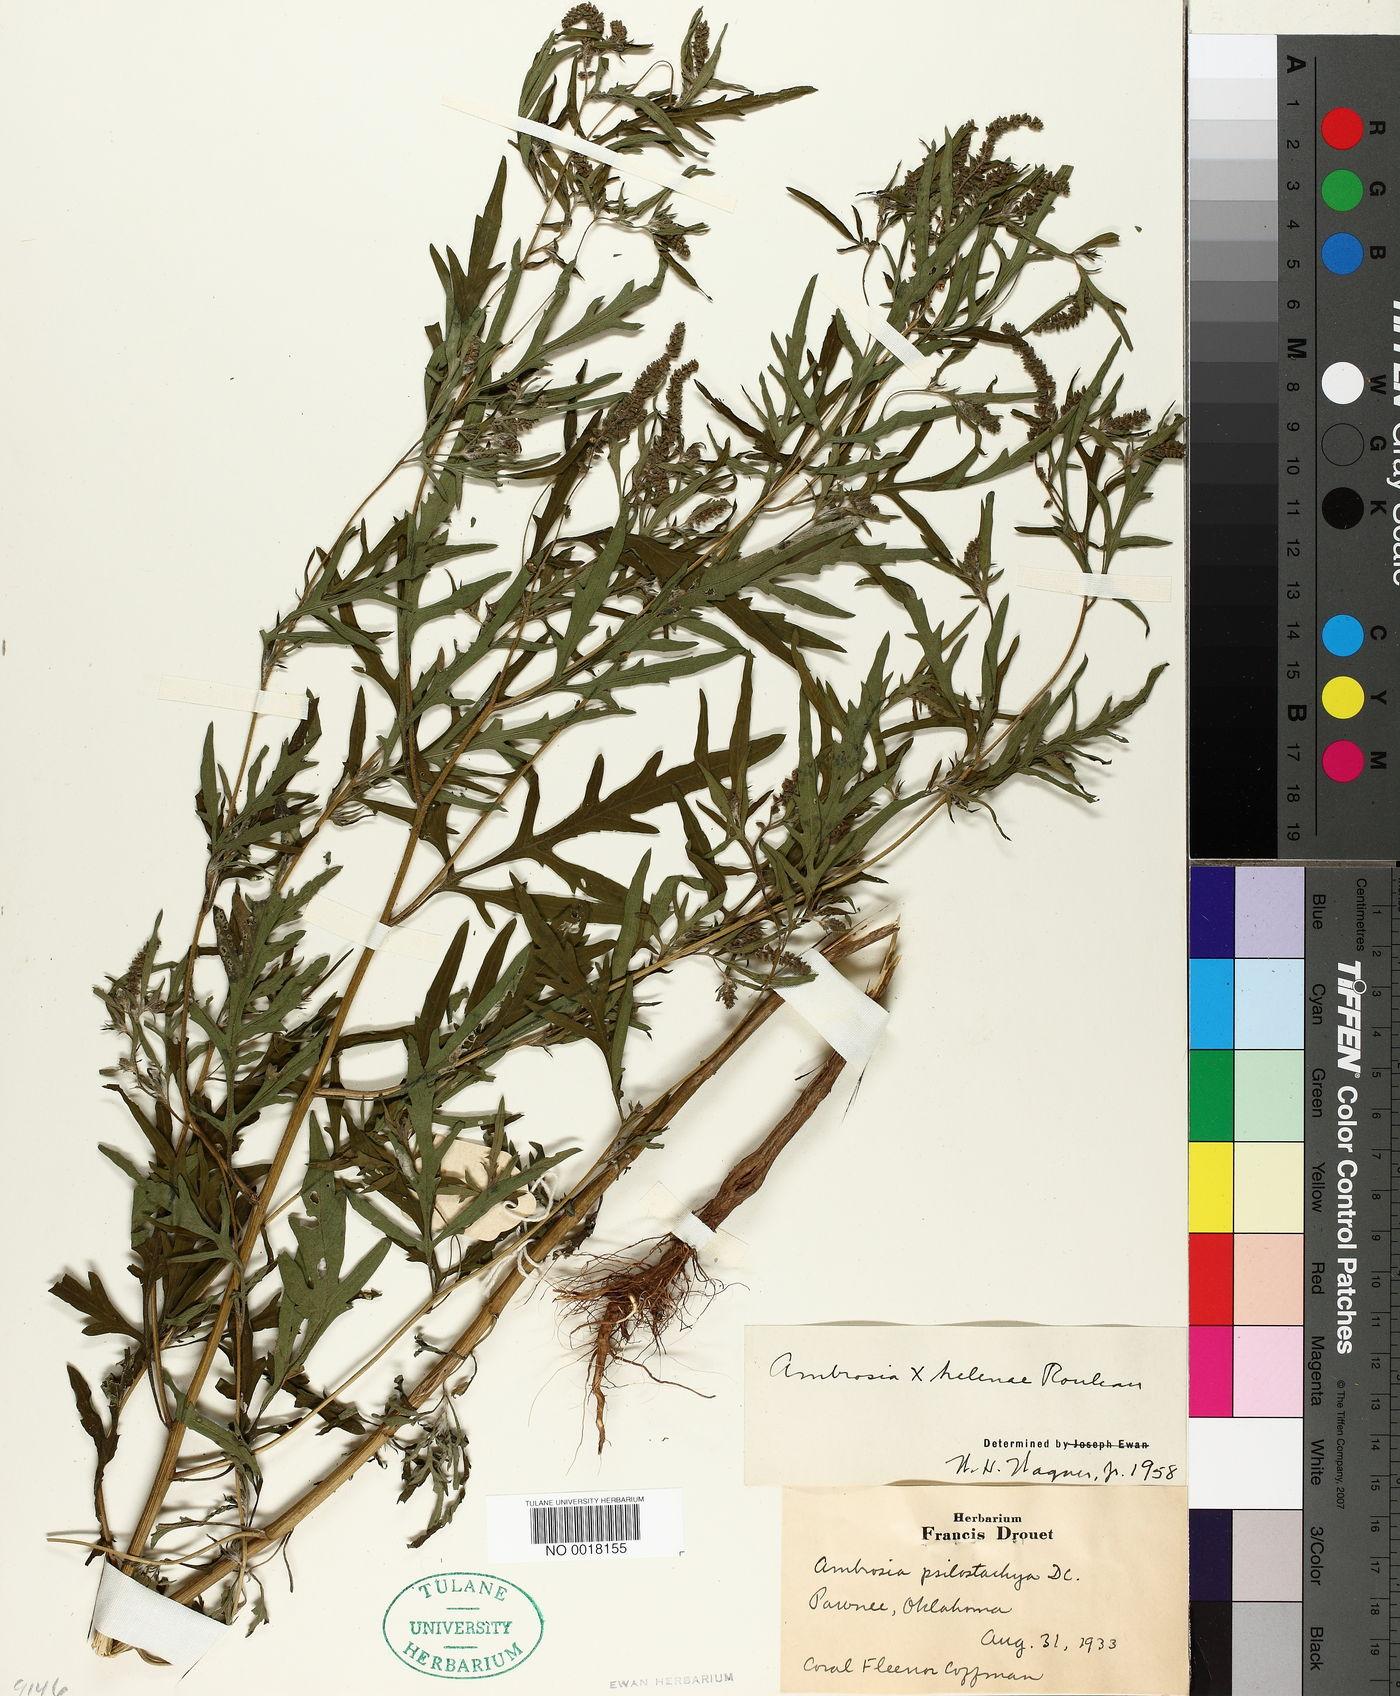 Ambrosia x helenae image